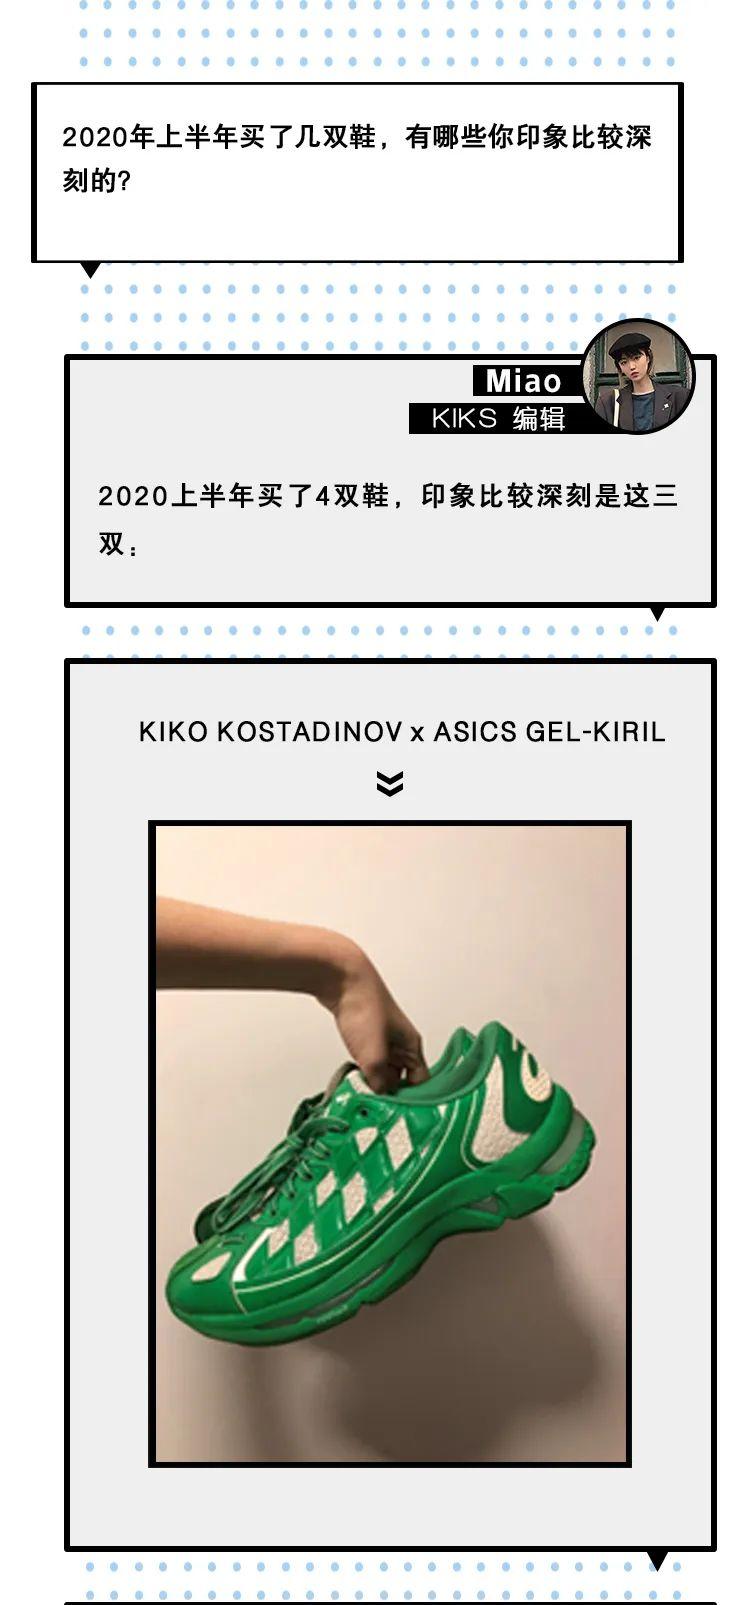 很好奇女编辑们都会有怎么样的「球鞋品味」